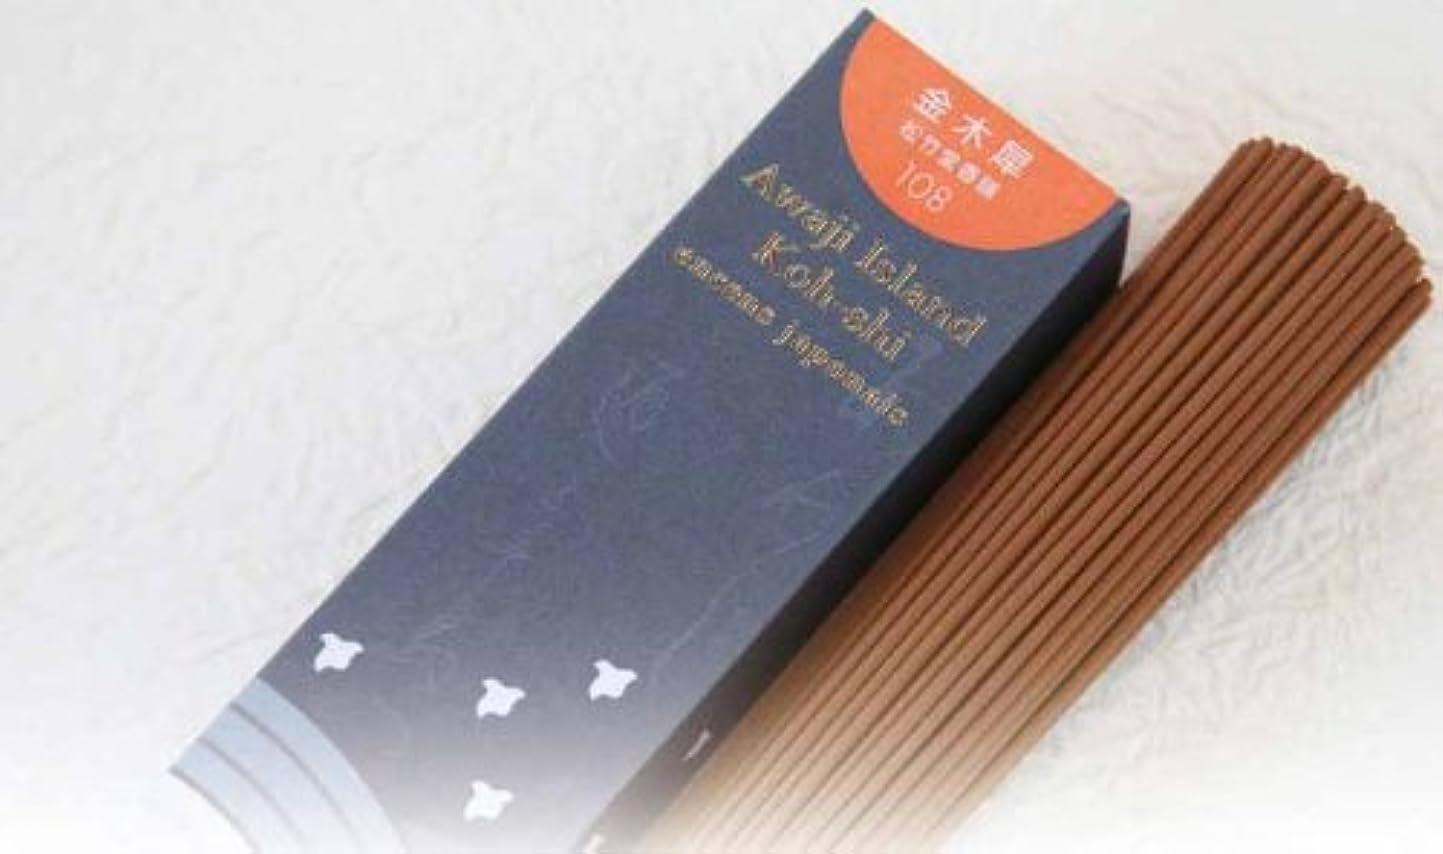 やる香ばしいミニ「あわじ島の香司」 日本の香りシリーズ 【108】 ●金木犀●